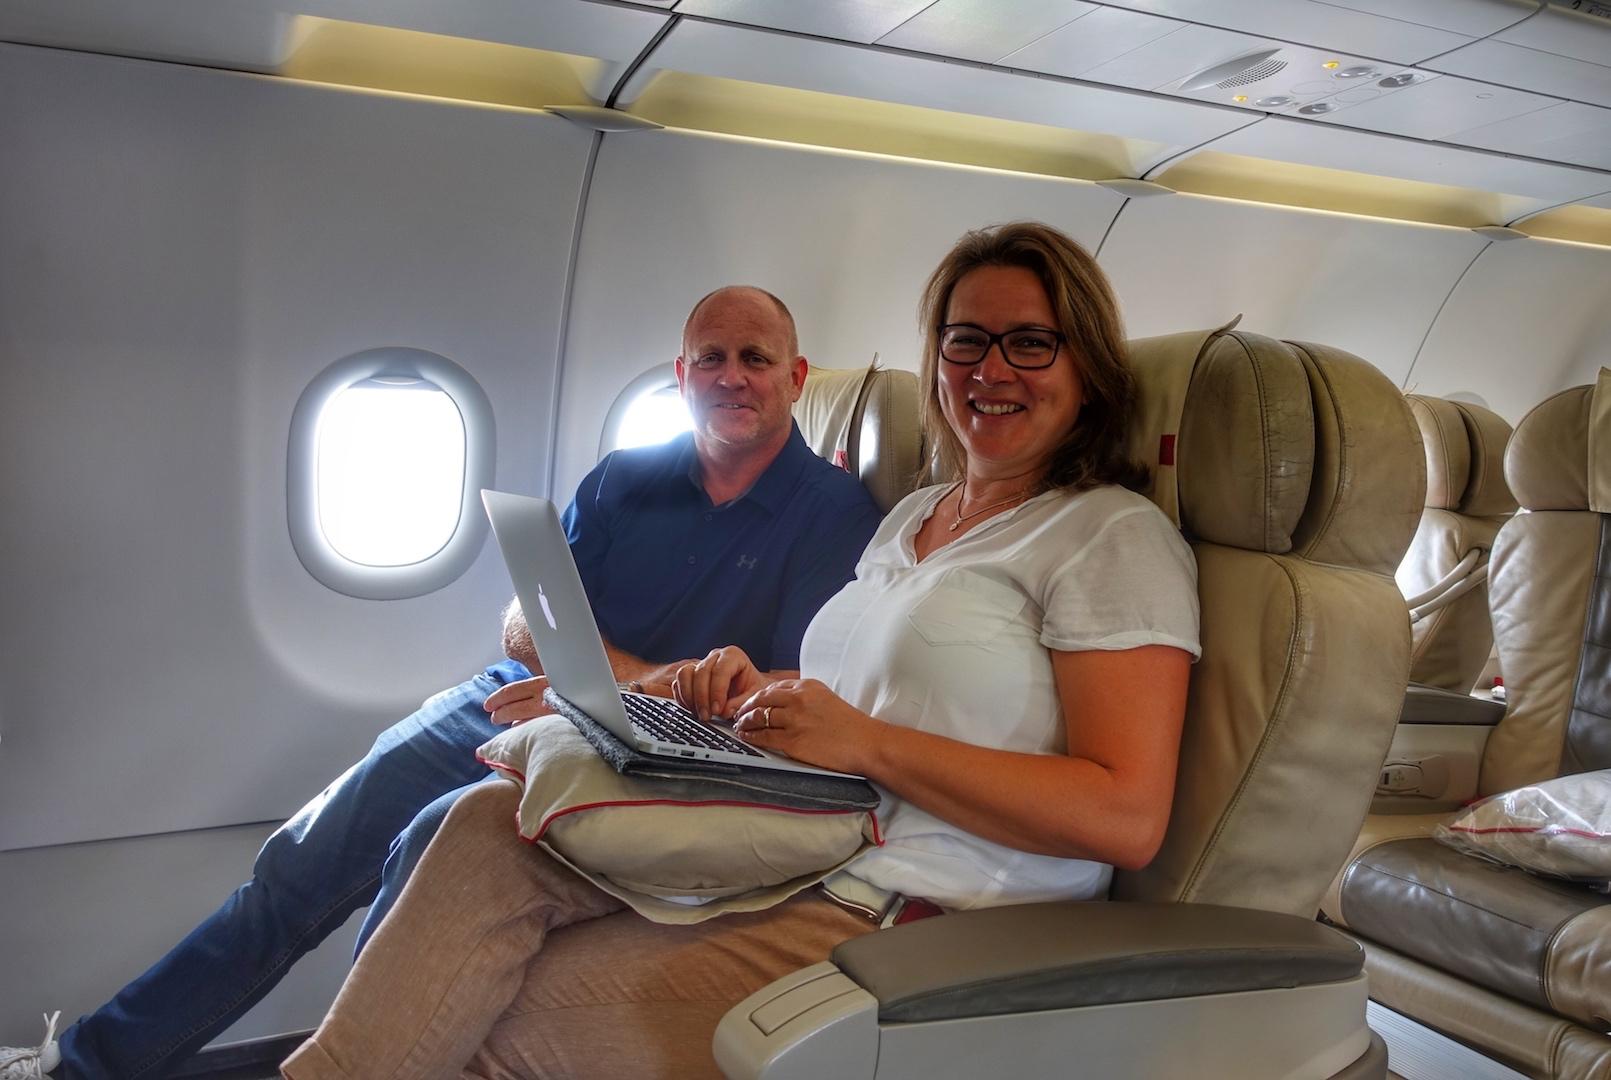 Kaum platz genommen, hat FrontRowSociety Mitherausgeberin Annett Conrad schon das AirBook aufgeklappt